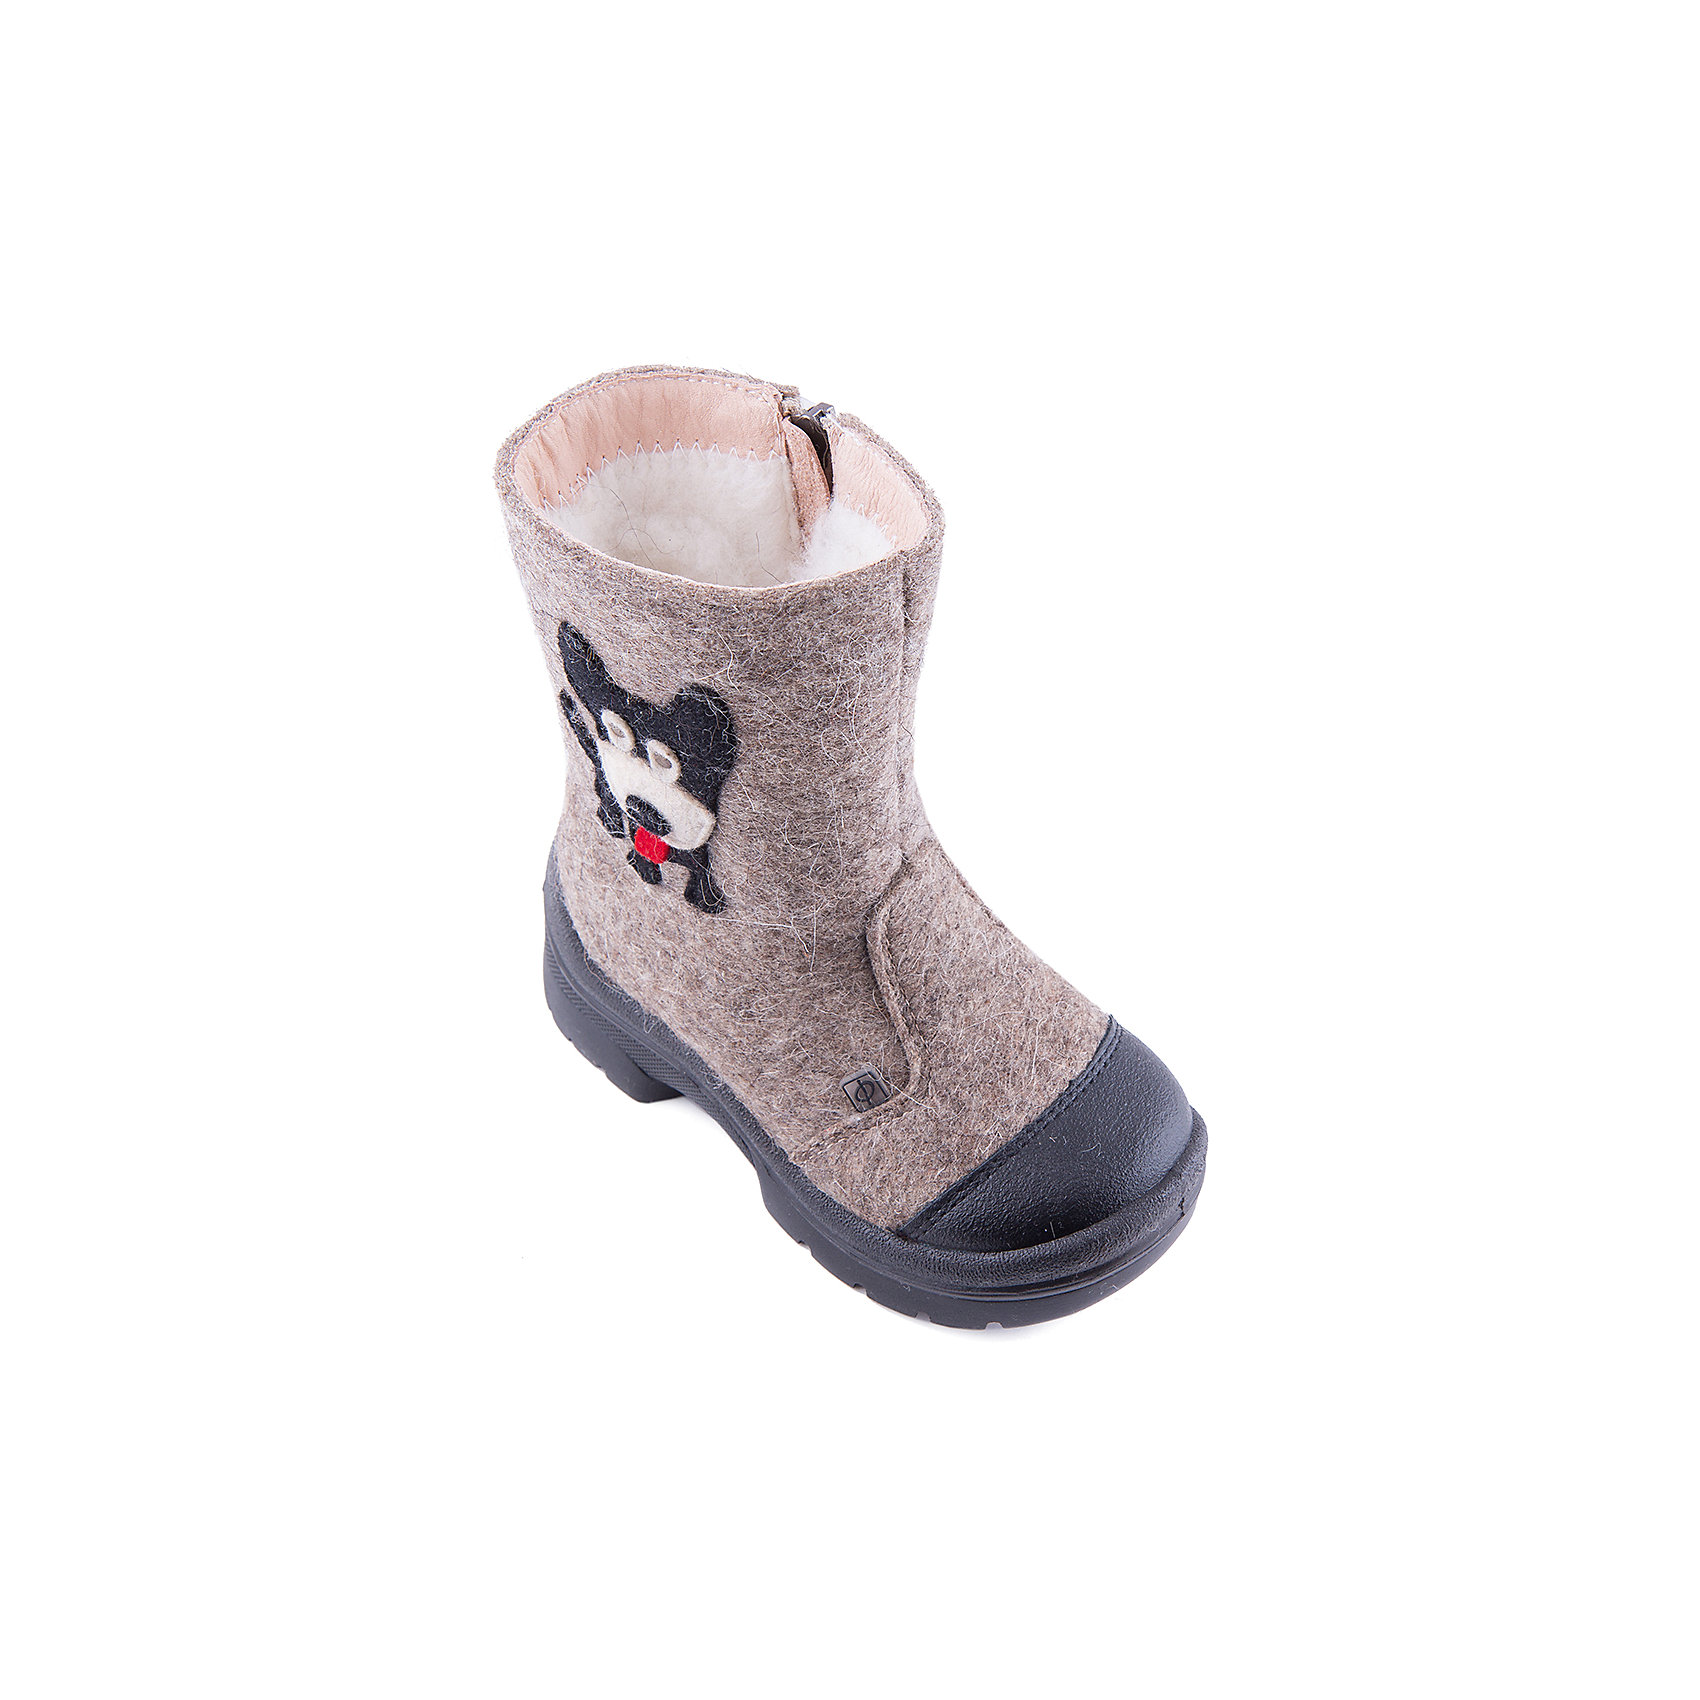 Валенки Гав-Гав для мальчика ФилипокХарактеристики товара:<br><br>• цвет: бежевый<br>• температурный режим: от -5° С до -30° С<br>• внешний материал: эко-войлок (натуральная шерсть)<br>• подкладка: натуральная овечья шерсть<br>• стелька: шерстяной войлок (3,5 мм)<br>• подошва: литая, полиуретан<br>• декорированы аппликацией<br>• подошва с анти скользящей с системой протектора anti slip<br>• застежка: молния<br>• защита носка - натуральная кожа с износостойкой пропиткой<br>• усиленная пятка<br>• толстая устойчивая подошва<br>• страна бренда: РФ<br>• страна изготовитель: РФ<br><br>Очень теплые и удобные валенки для ребенка от известного бренда детской обуви Филипок созданы специально для русской зимы. Качественные материалы с пропиткой против попадания воды внутрь и модный дизайн понравятся и малышам и их родителям. Подошва и стелька обеспечат ребенку комфорт, сухость и тепло, позволяя в полной мере наслаждаться зимним отдыхом. Усиленная защита пятки и носка обеспечивает дополнительную безопасность детских ног в этих сапожках.<br>Эта красивая и удобная обувь прослужит долго благодаря отличному качеству. Производитель анти скользящее покрытие и амортизирующие свойства подошвы! Модель производится из качественных и проверенных материалов, которые безопасны для детей.<br><br>Валенки для мальчика от бренда Филипок можно купить в нашем интернет-магазине.<br><br>Ширина мм: 257<br>Глубина мм: 180<br>Высота мм: 130<br>Вес г: 420<br>Цвет: бежевый<br>Возраст от месяцев: 18<br>Возраст до месяцев: 21<br>Пол: Мужской<br>Возраст: Детский<br>Размер: 23,24,29,30,26,27,25,28,22<br>SKU: 4207188